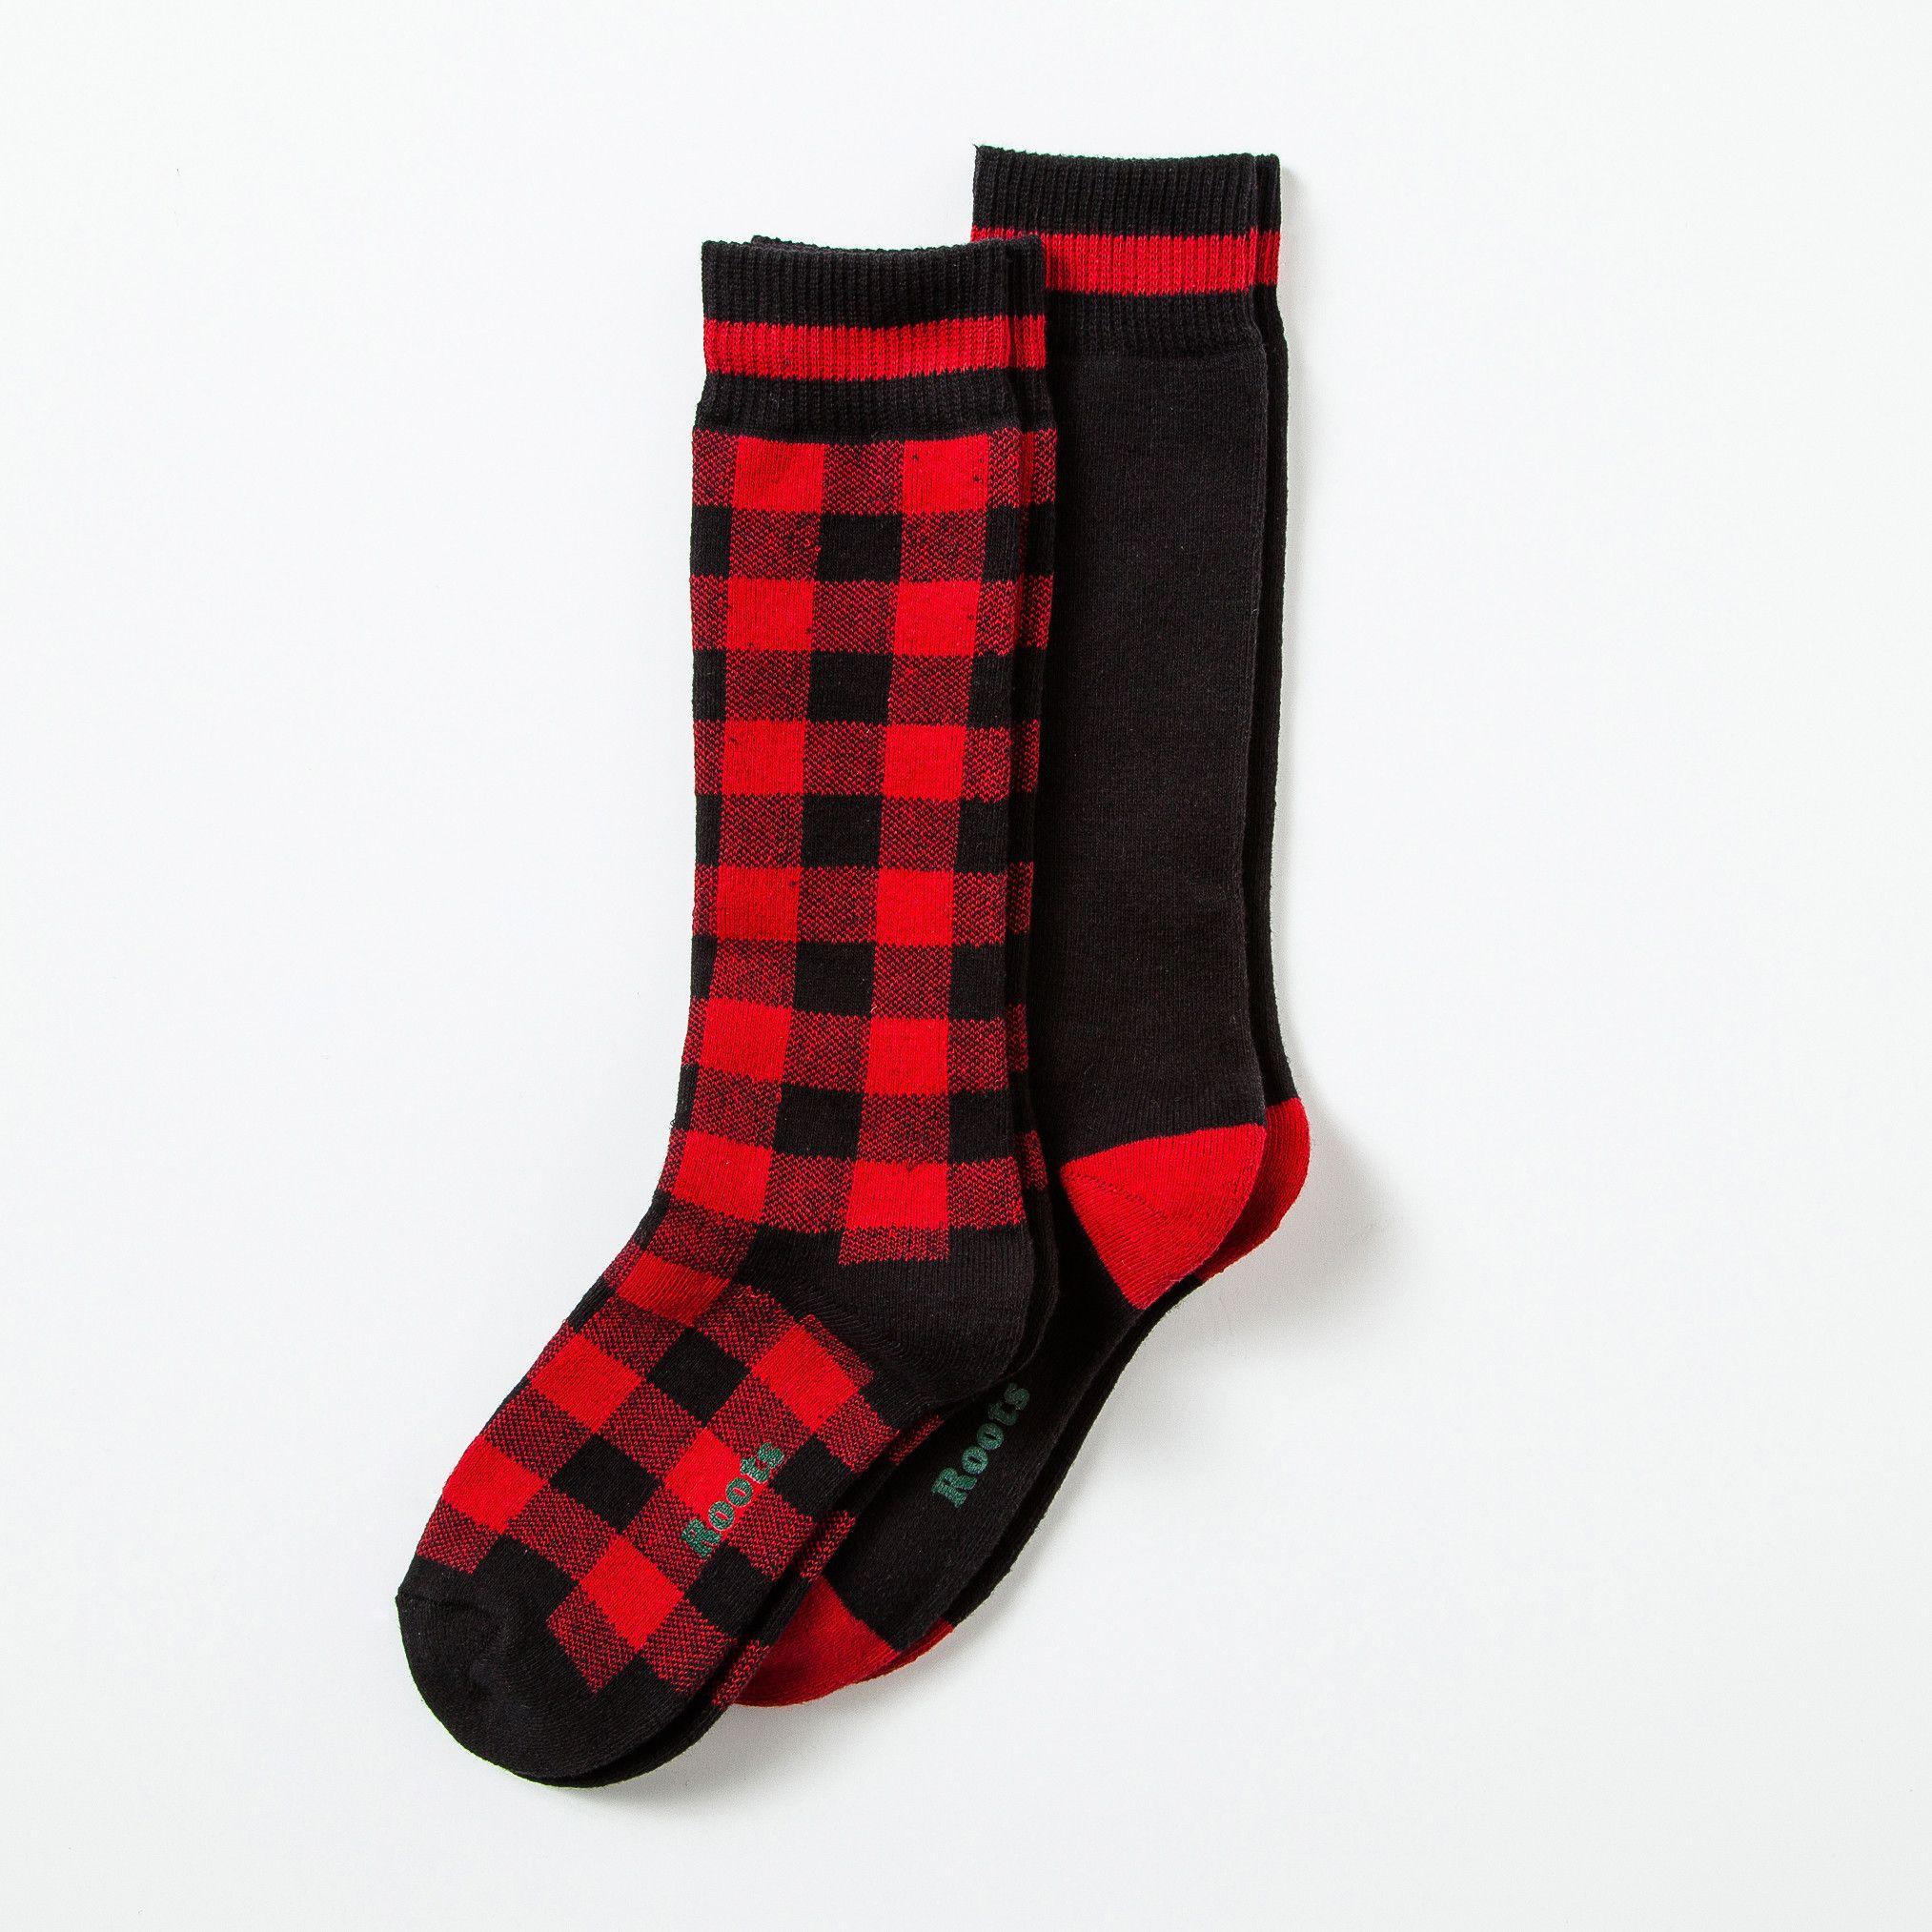 Womens Buffalo Check Socks 2 P Roots Socks For Women Socks Women Winter Wear